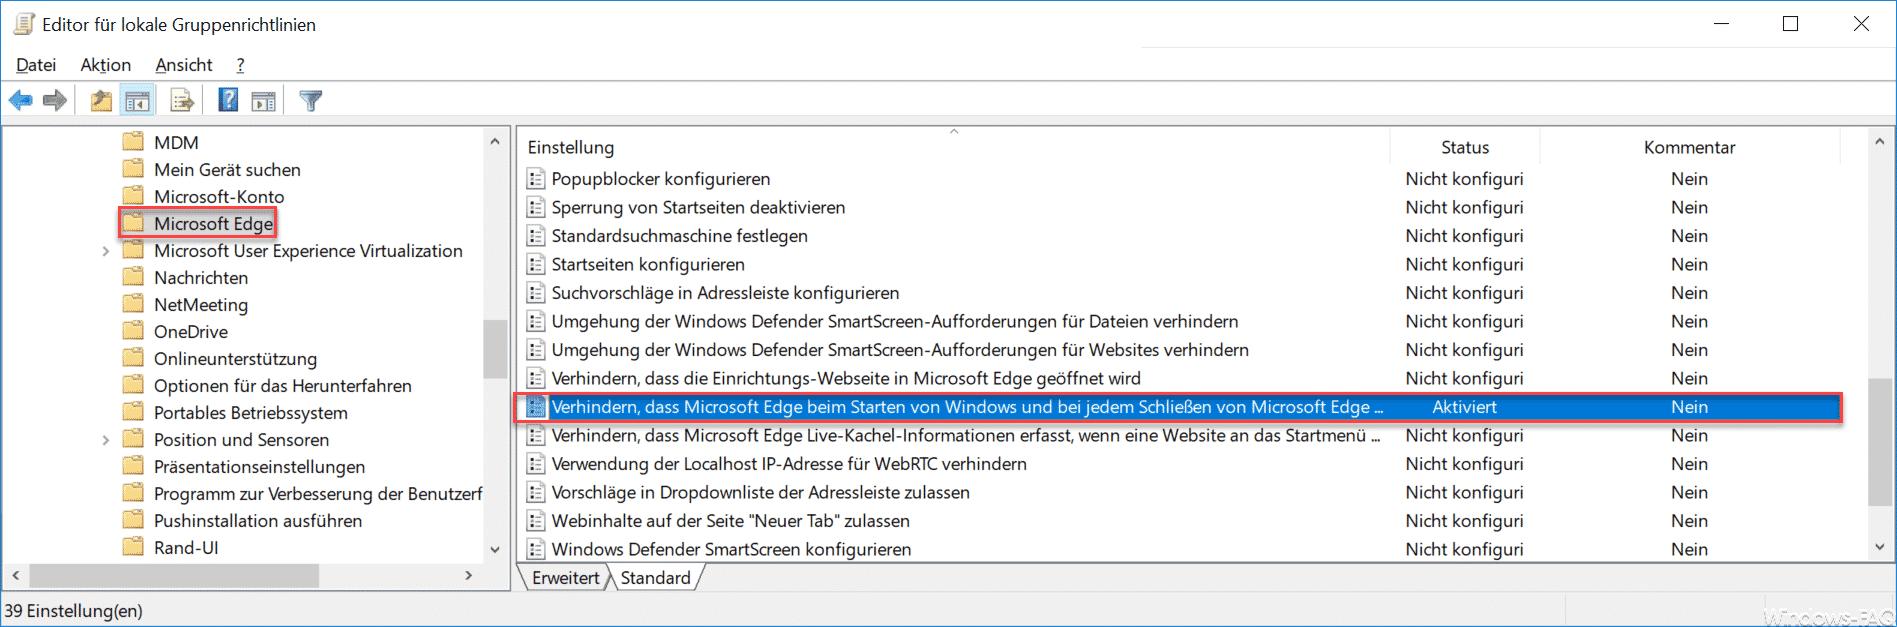 """Verhindern, dass Microsoft Edge beim Starten von Windows und bei jedem Schließen von Microsoft Edge die Startseite und die Seite """"Neue Registerkarte"""" startet und lädt."""